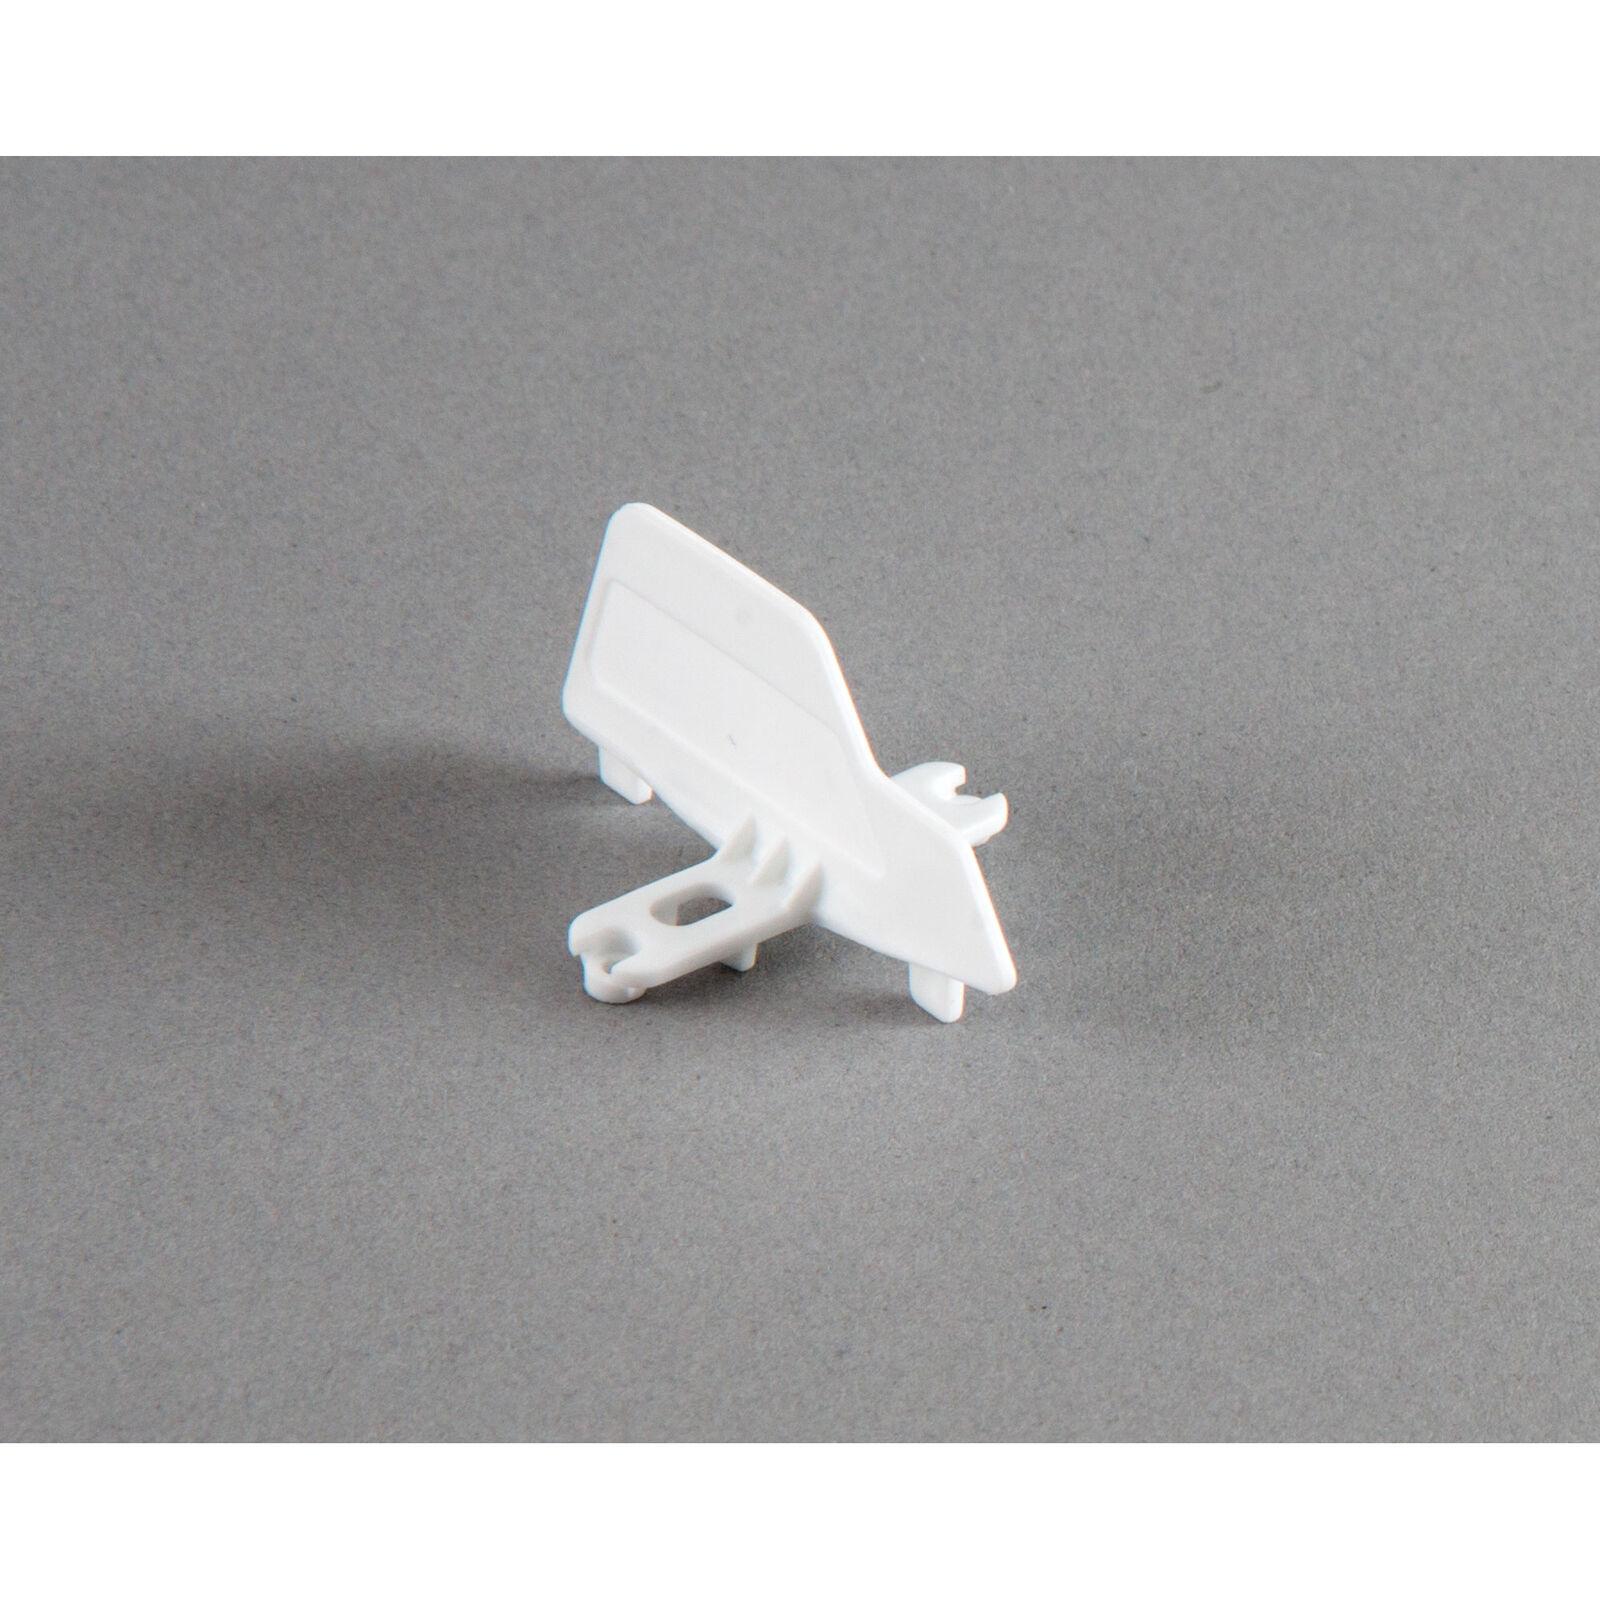 Frame Support: Nano QX 3D